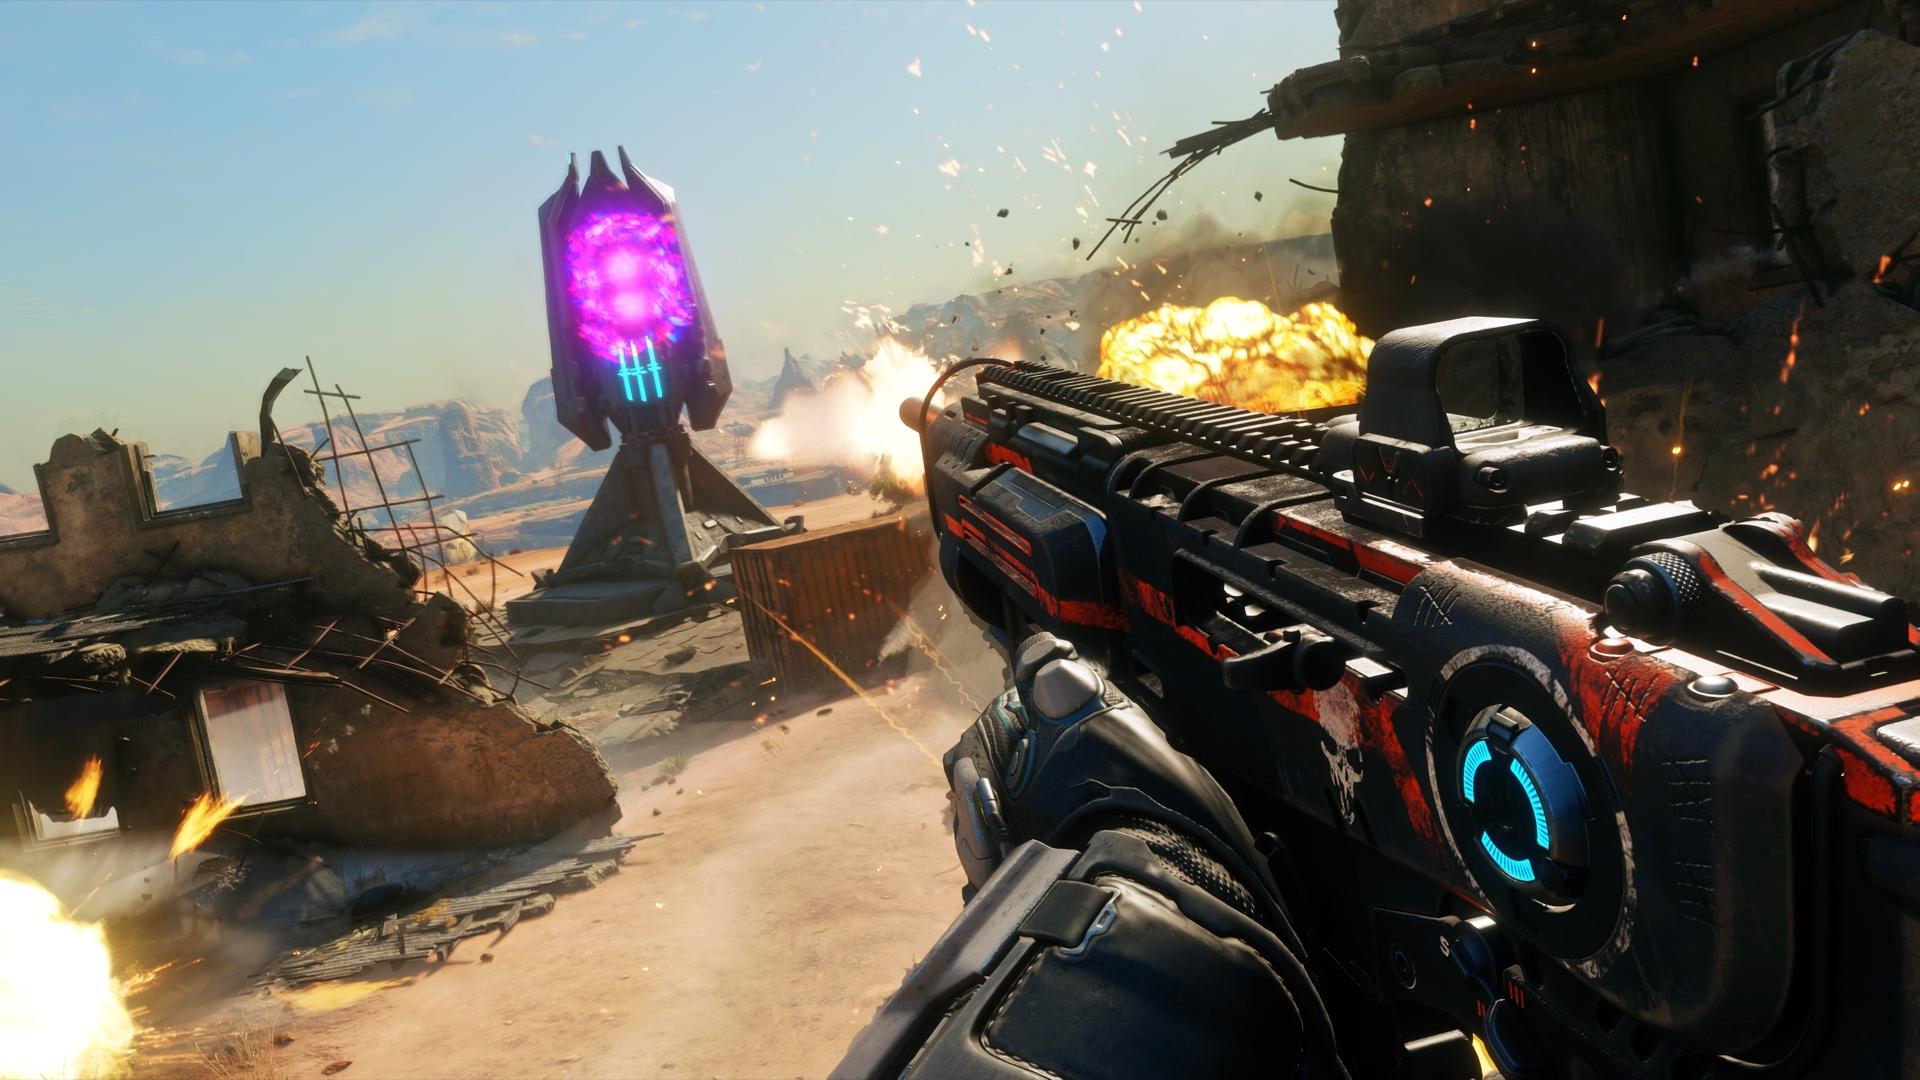 《狂怒2》新DLC跳票至9月 其中包含大量全新内容